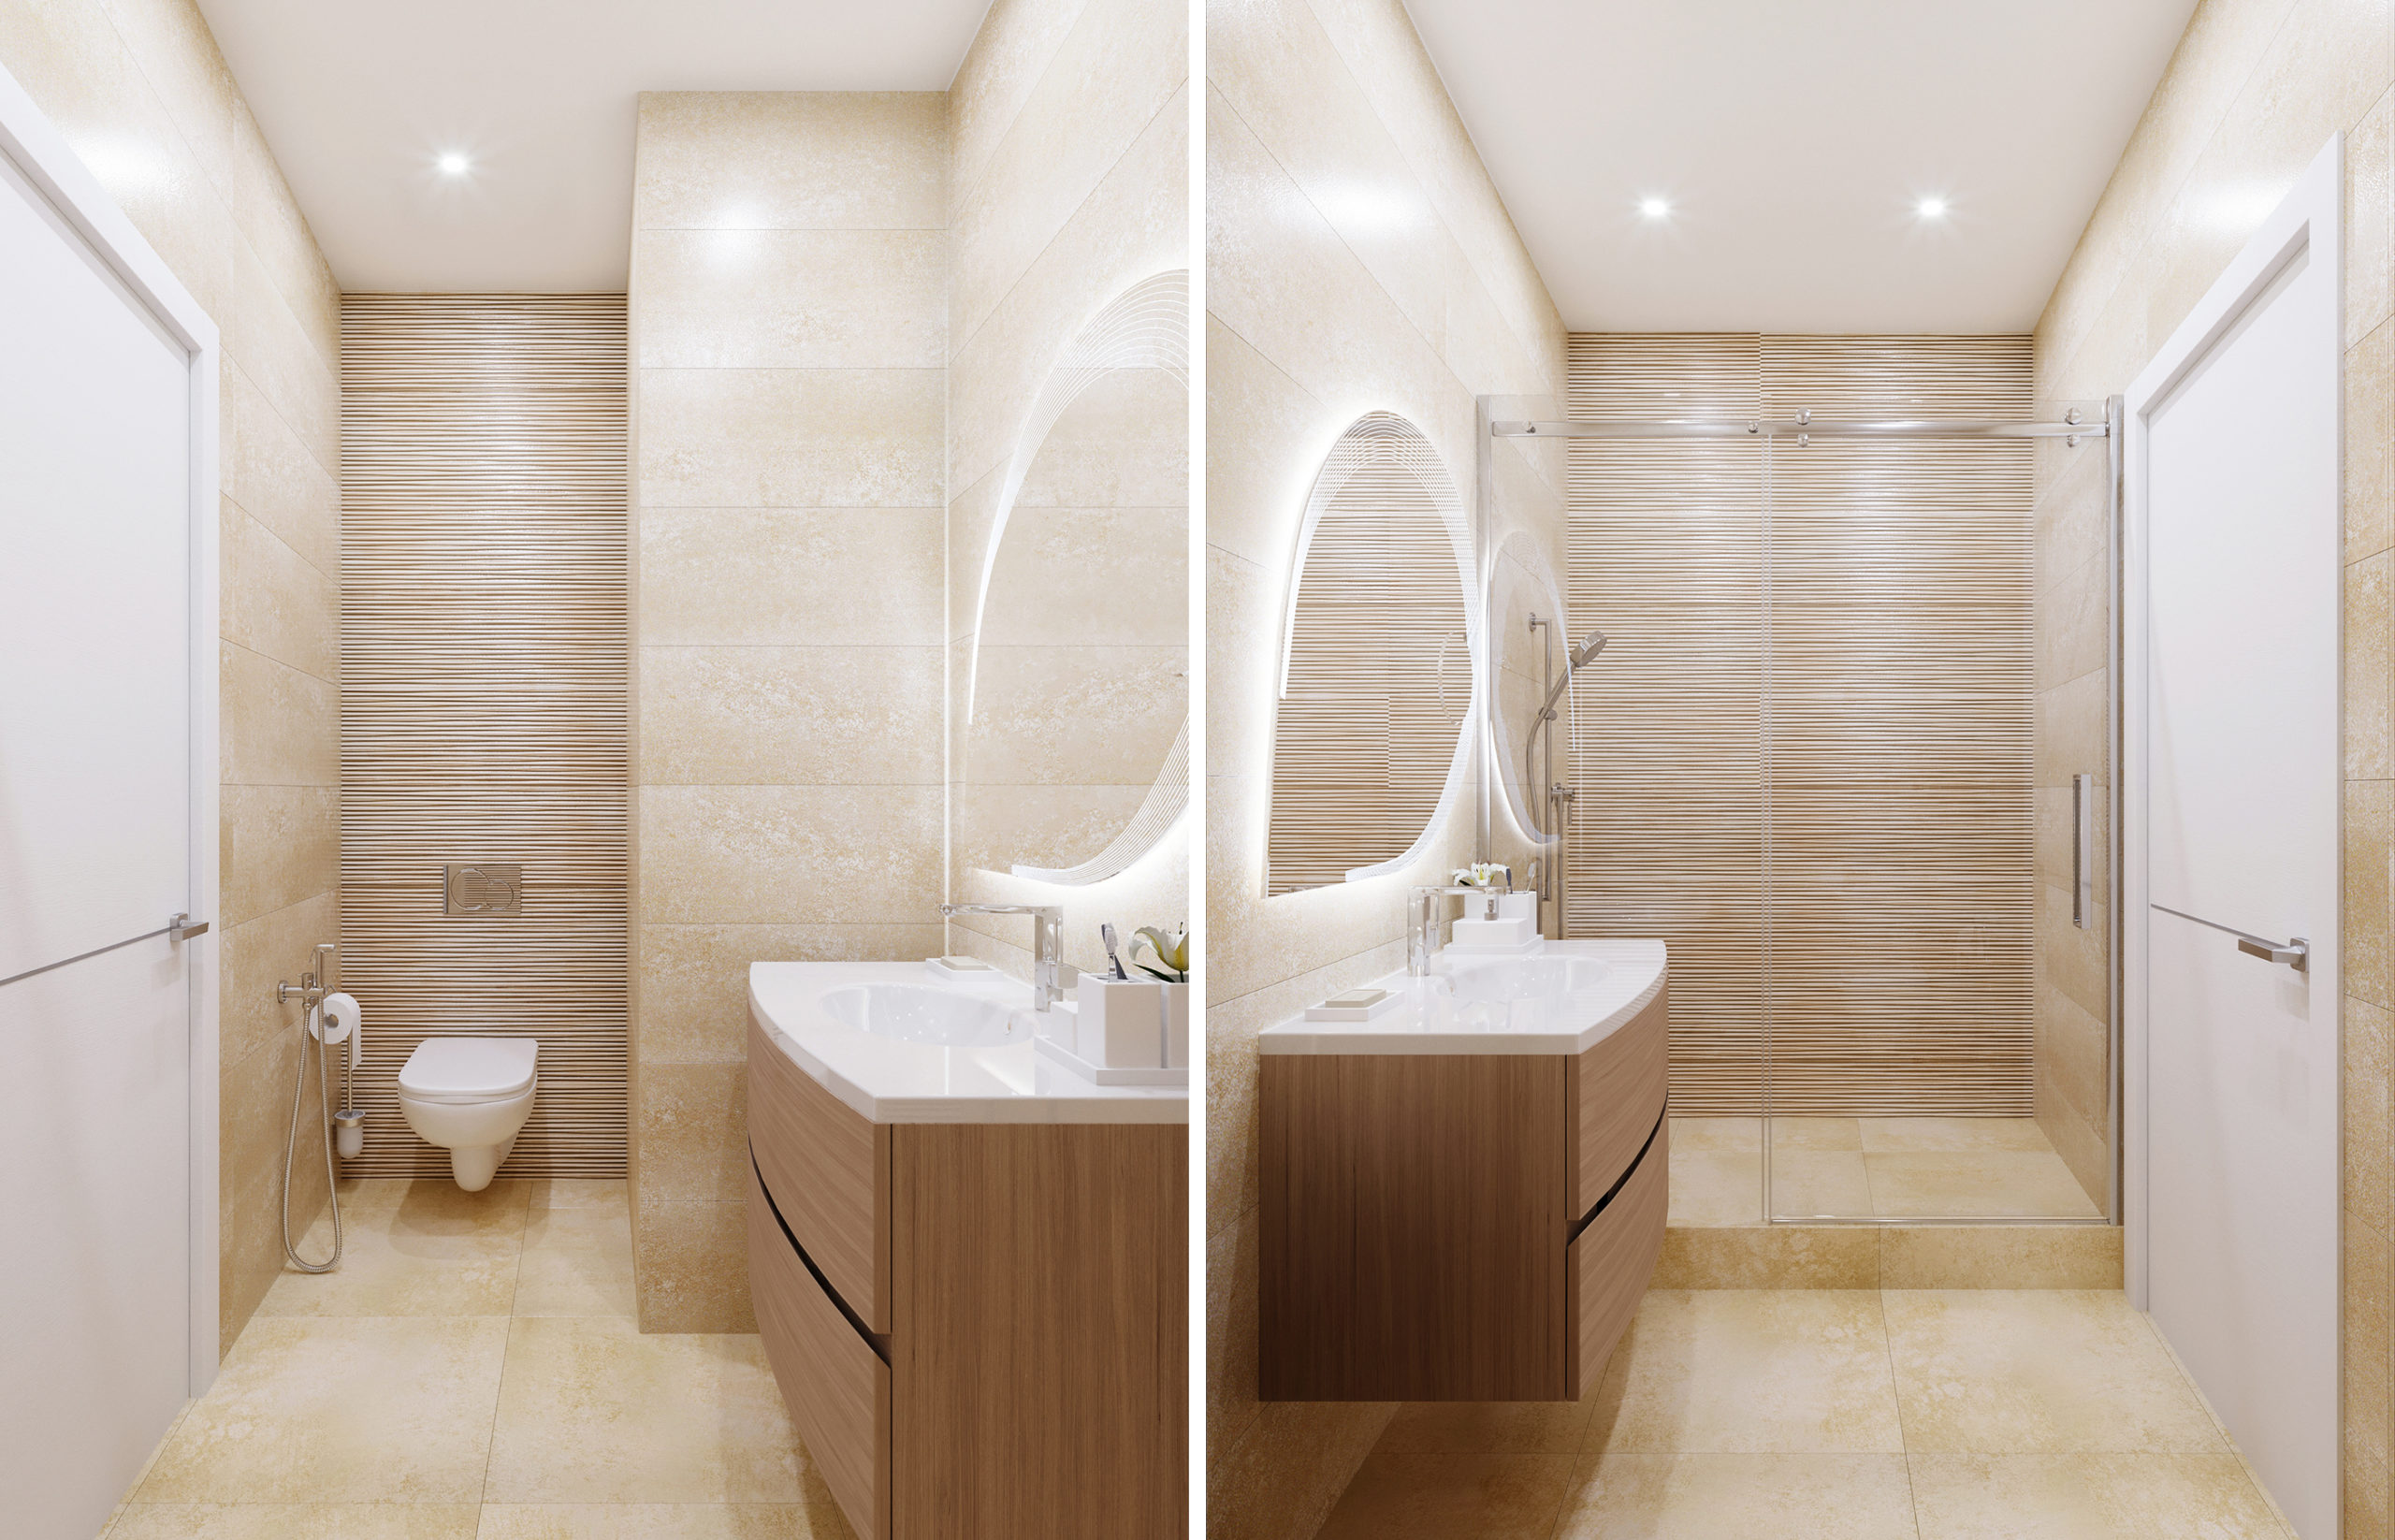 Интерьер ванной комнаты в бежево-песочных цветах